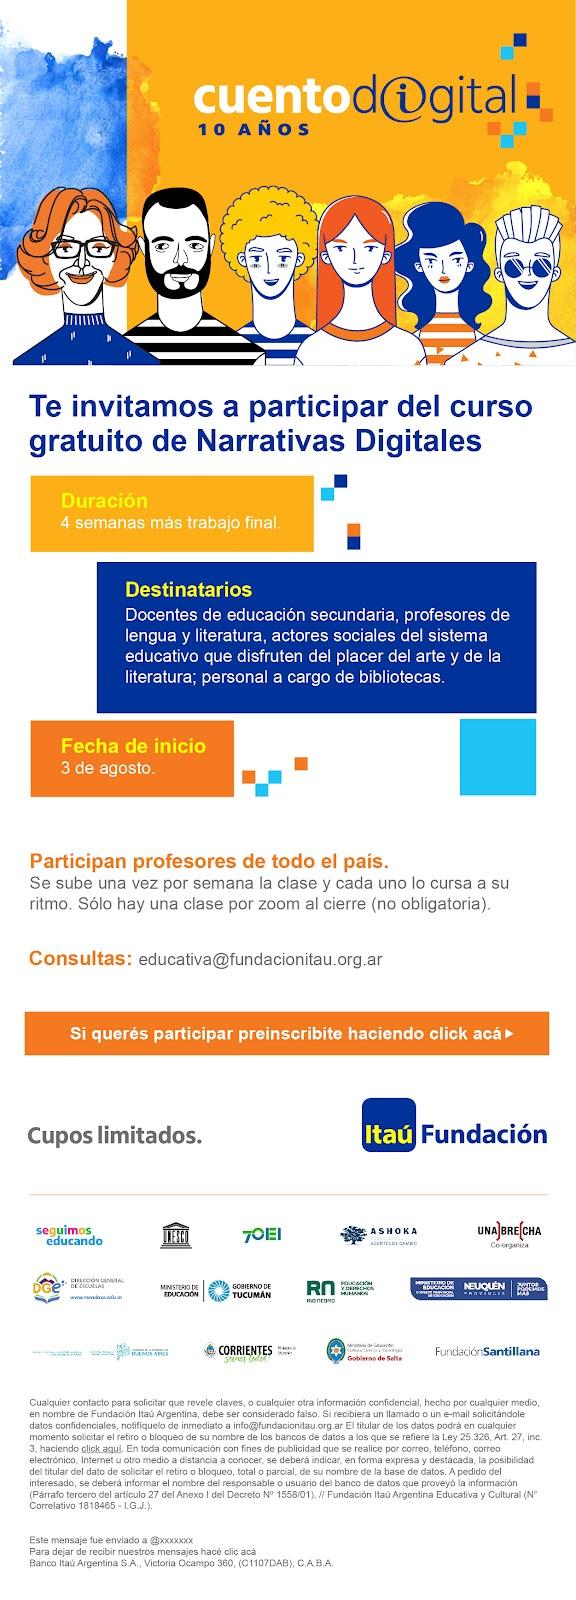 curso narrativas digitales Fundación Itaú